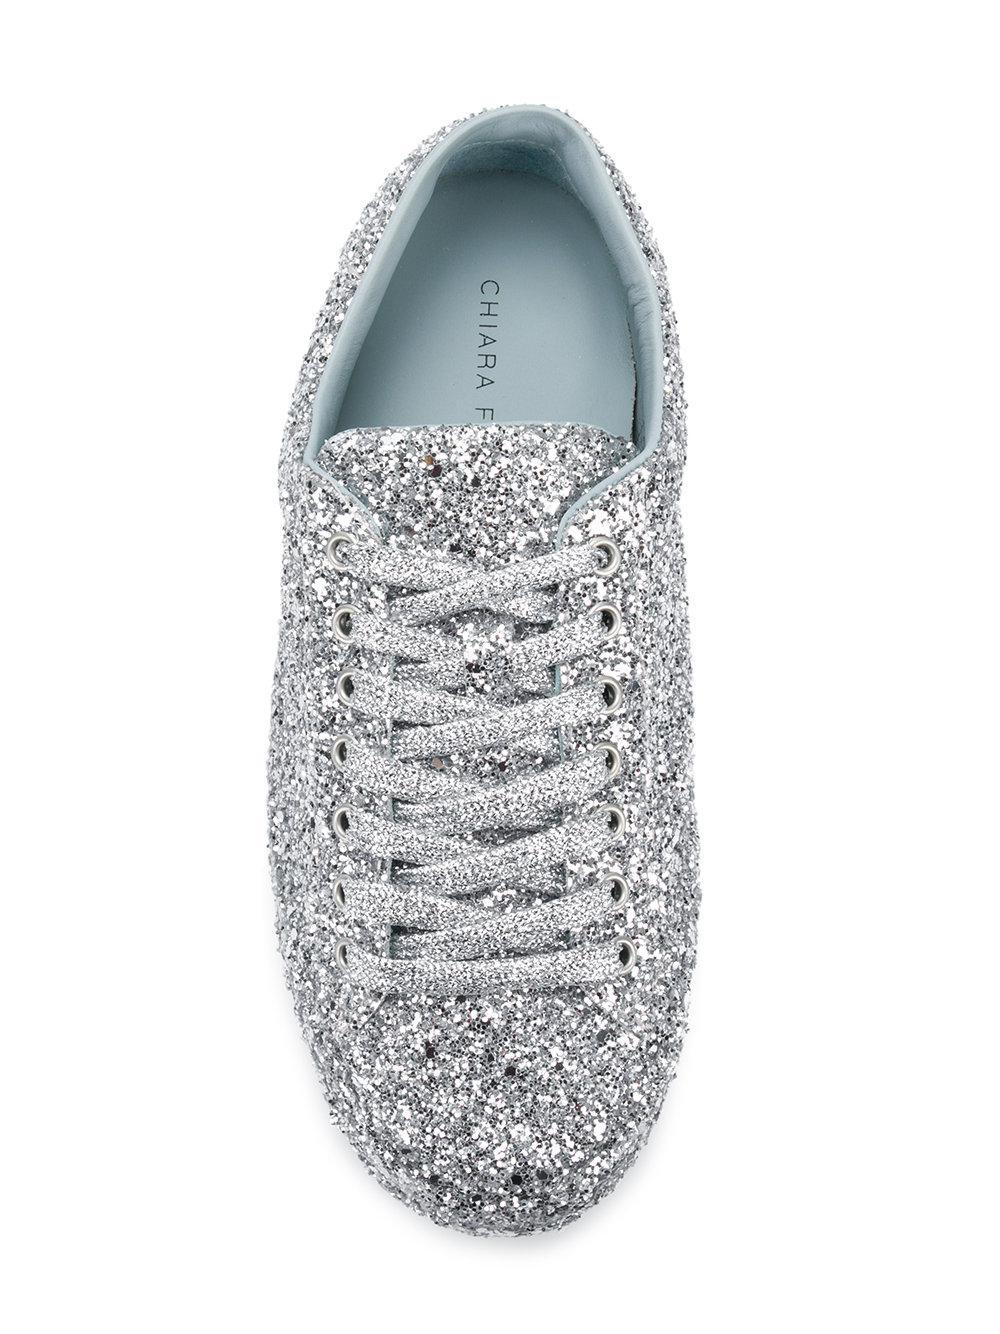 Chiara Ferragni Rubber Sequin Embroidered Sneakers in Metallic